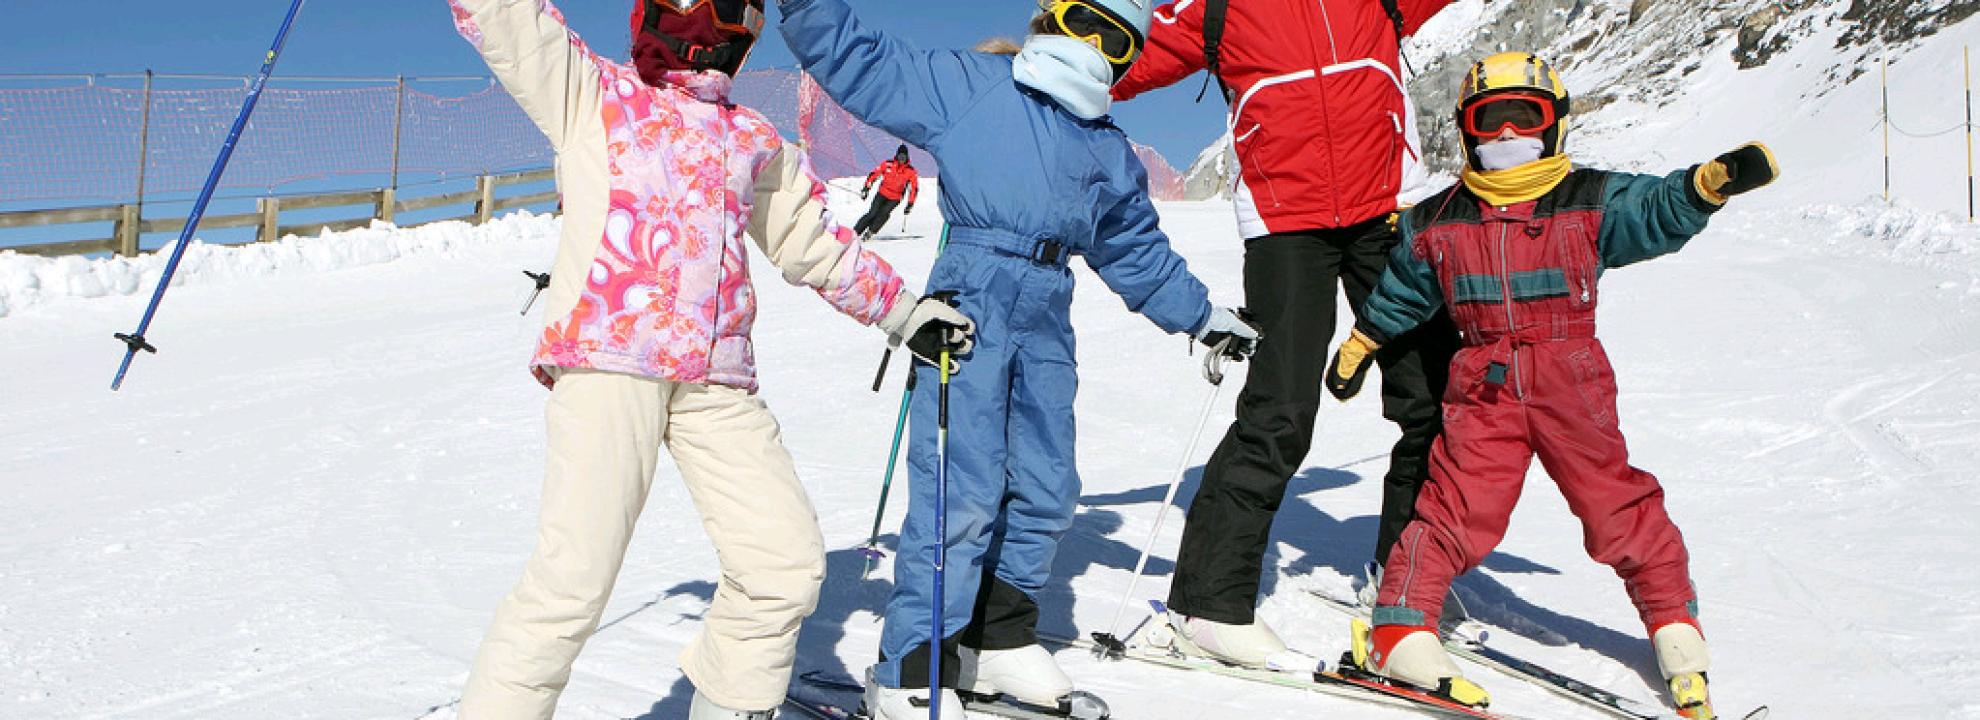 Photo ski blog